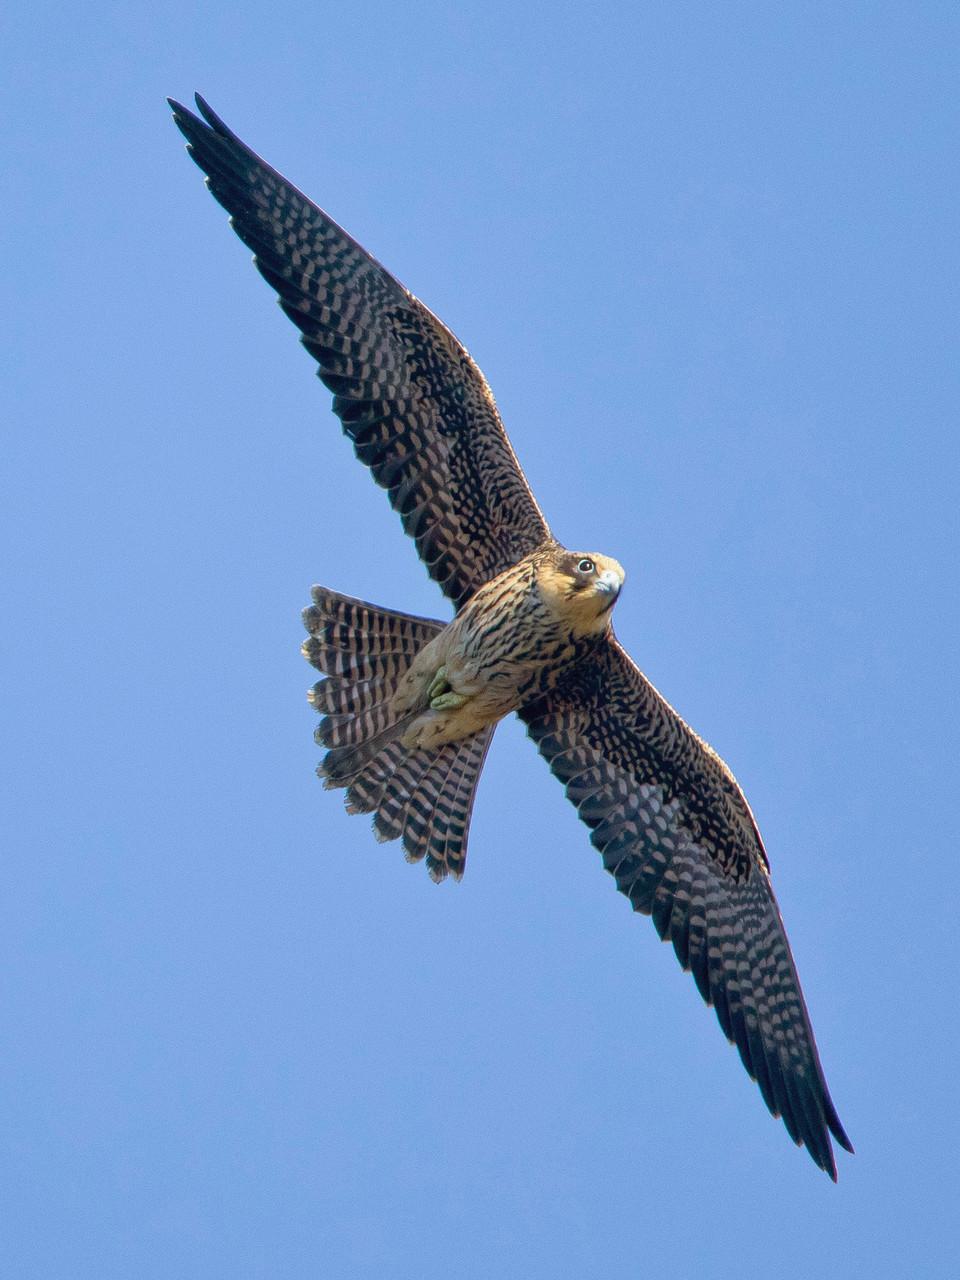 ... sowie verschiedene Vögel im Jugendkleid